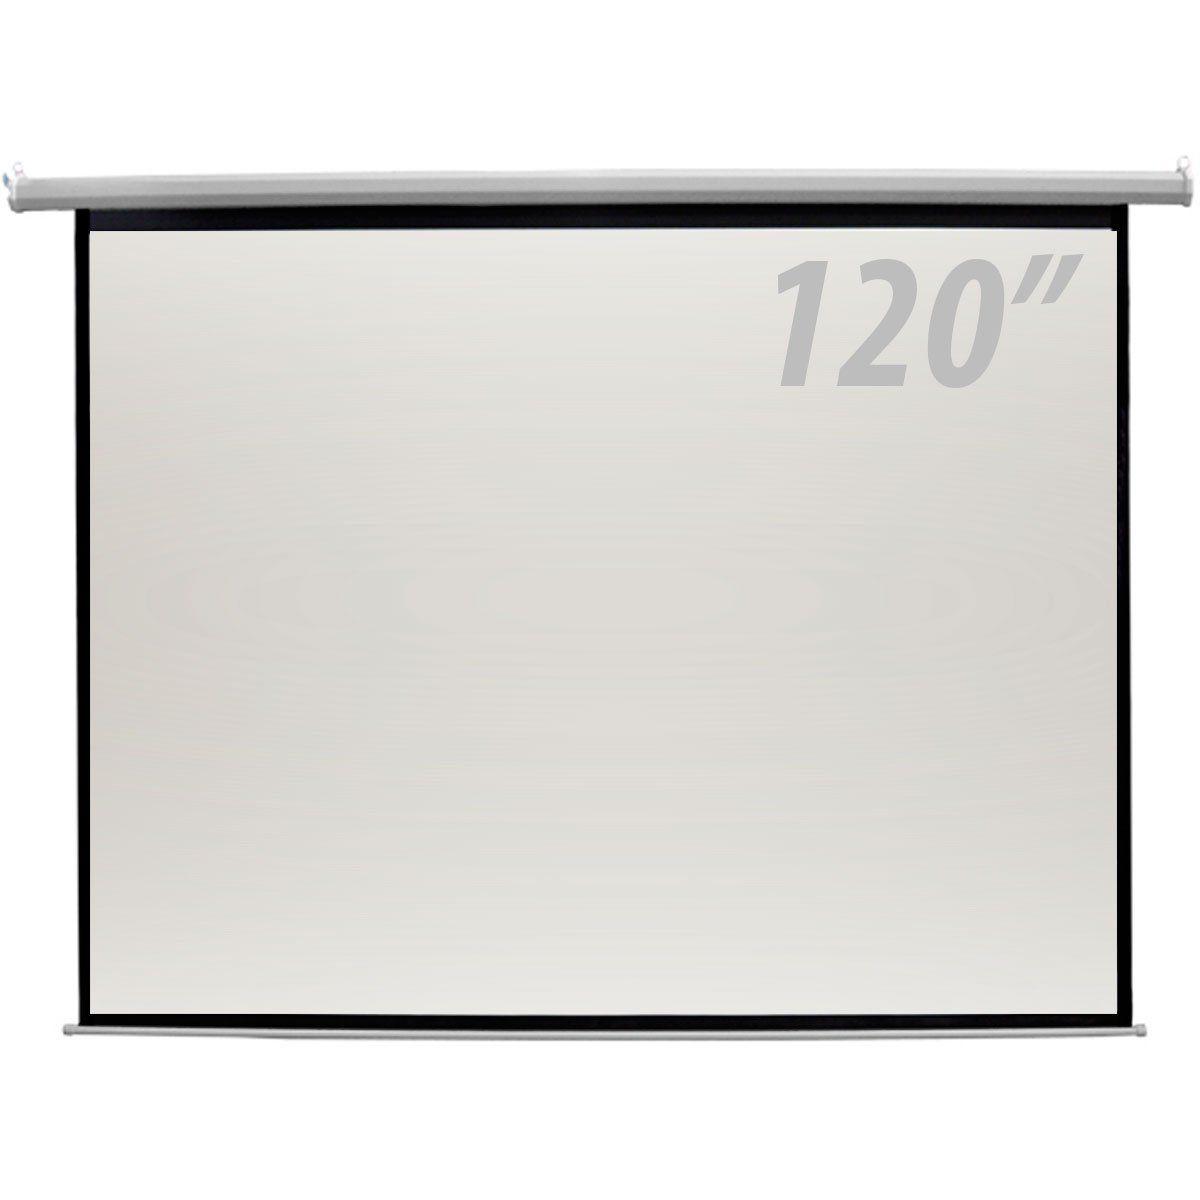 Tela de Projeção 120 Polegadas Elétrica c/ Controle Remoto - CSR